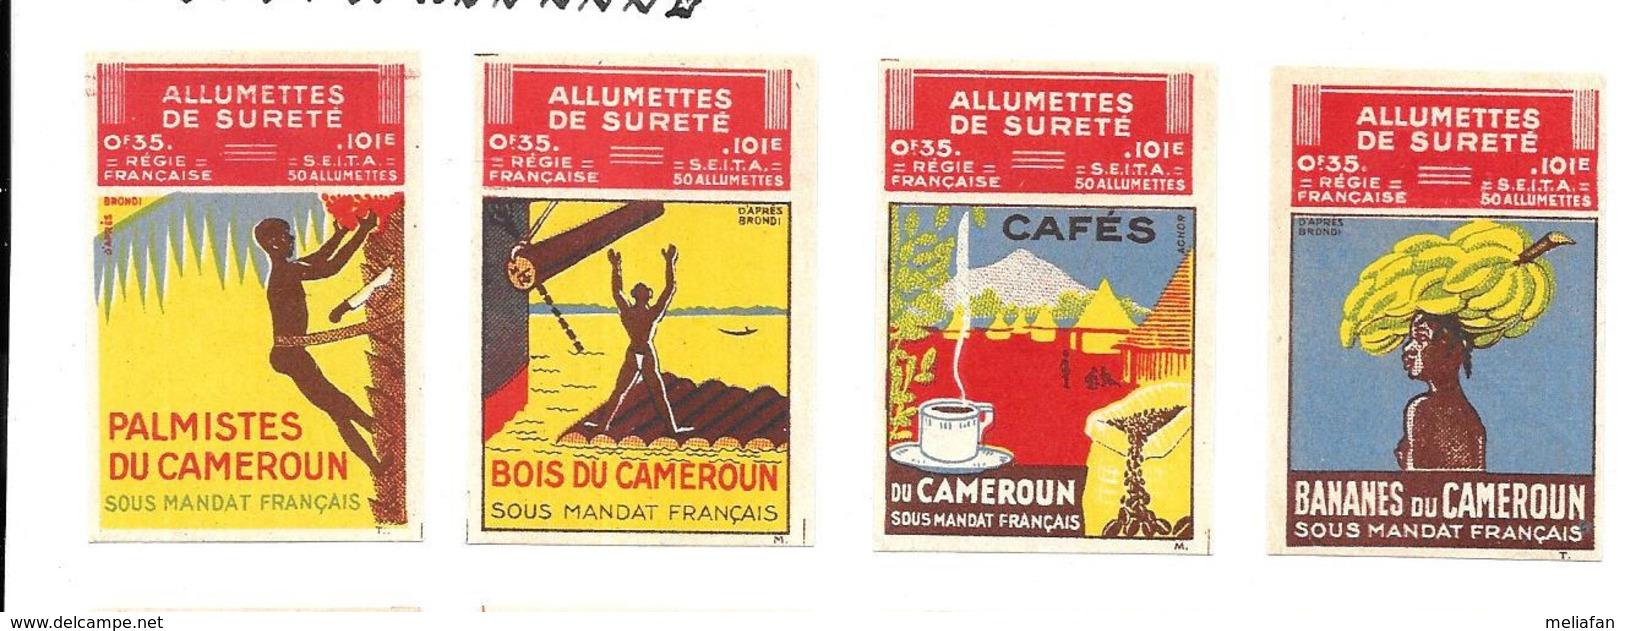 KB629 - ETIQUETTES BOITES D'ALLUMETTES DU CAMEROUN - Boites D'allumettes - Etiquettes